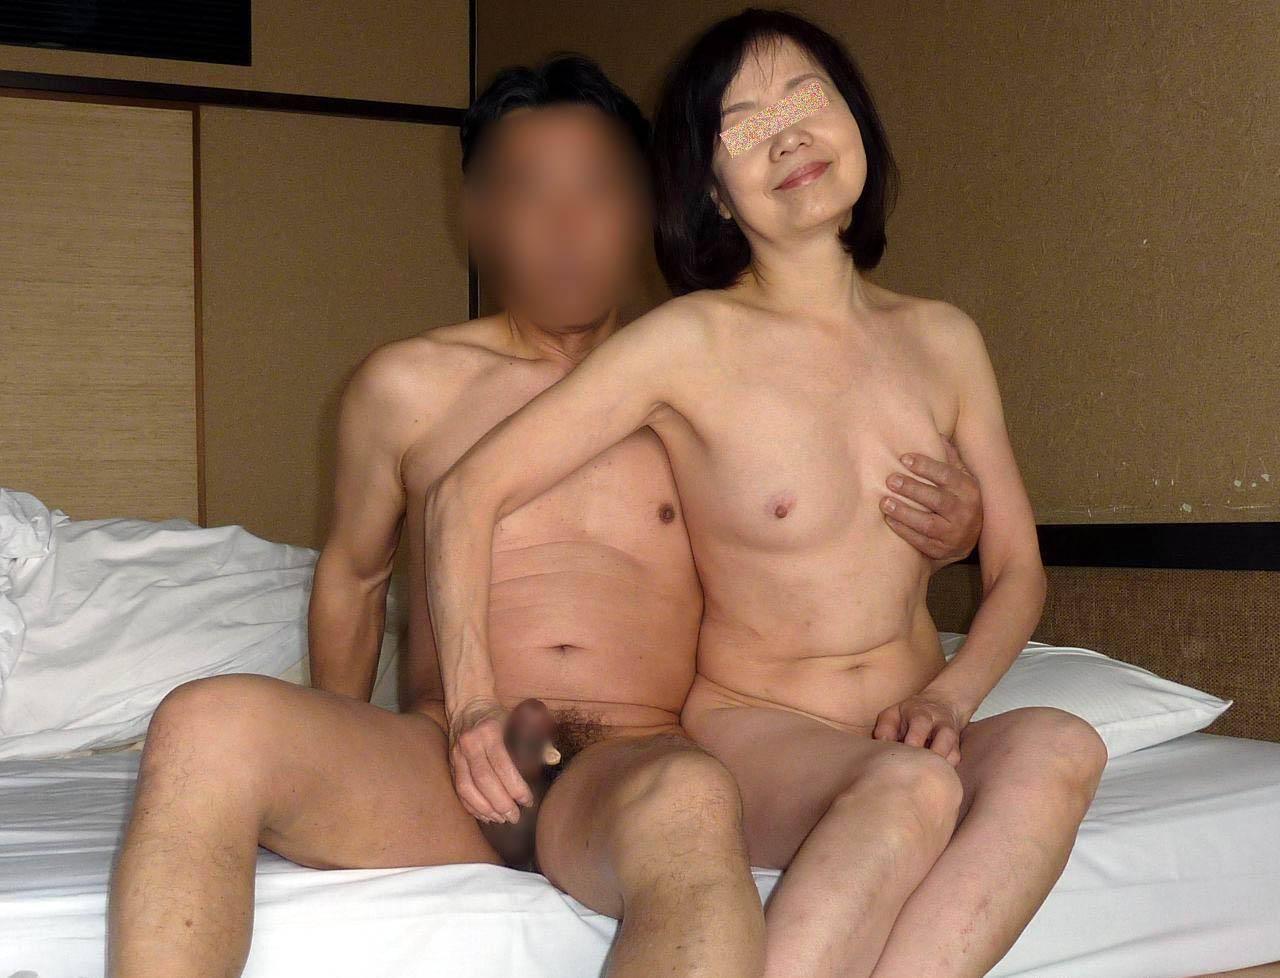 まだ女としての色気が残ってる50代熟女カップルのセックスwww 0304